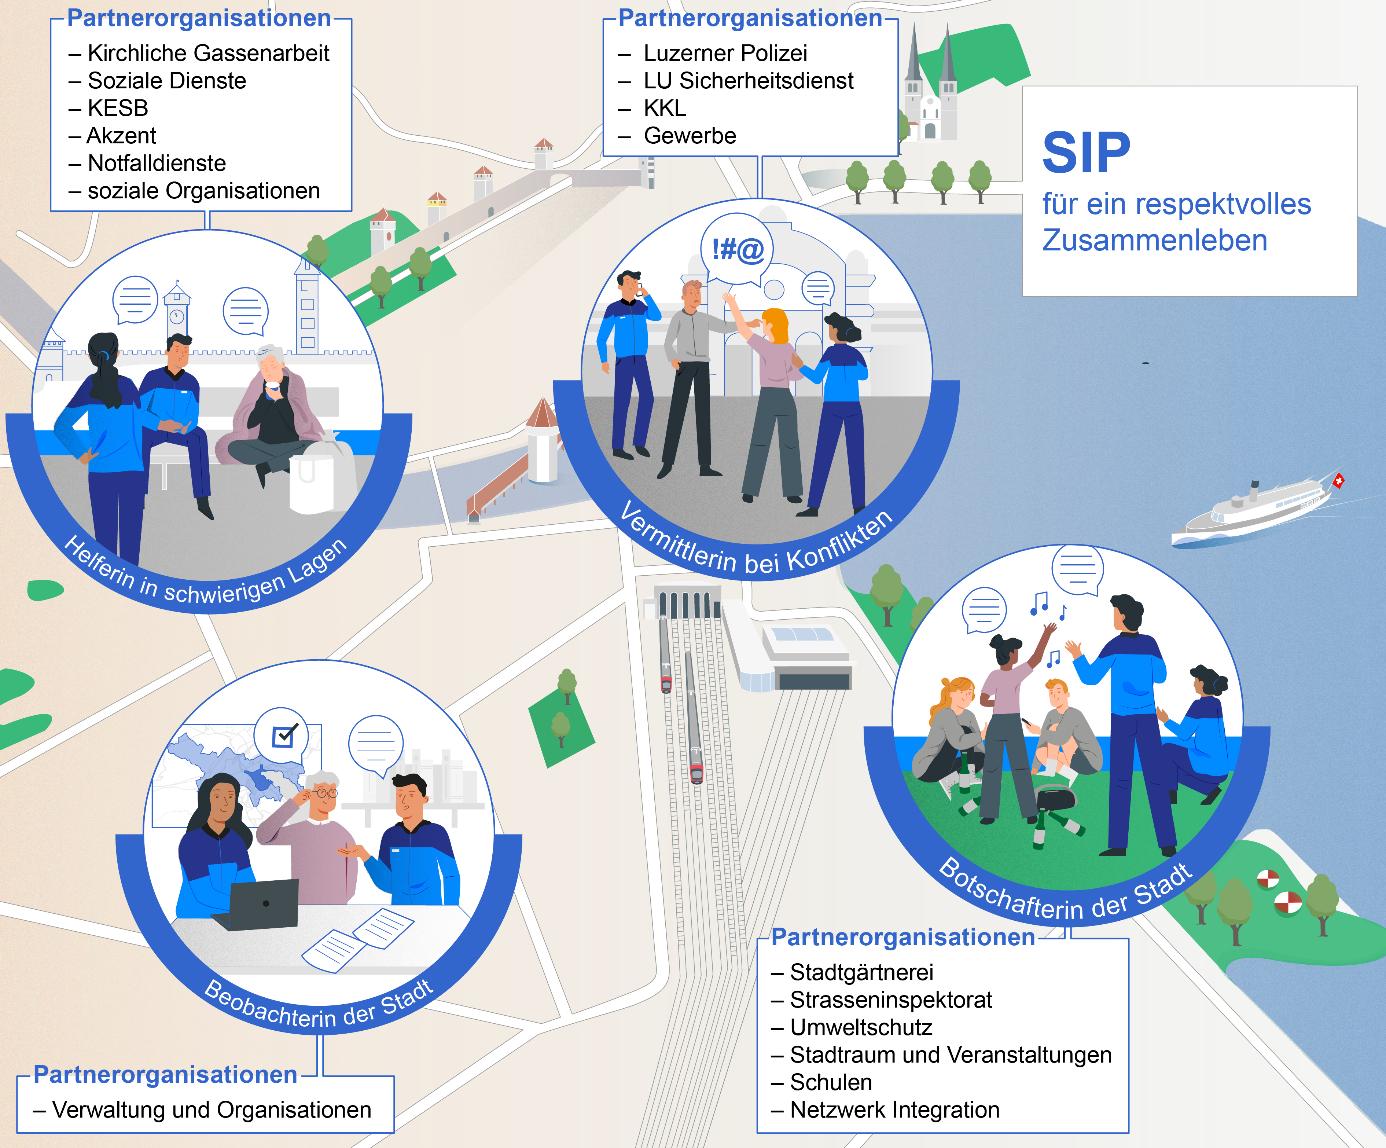 SIP und die 4 Rollen